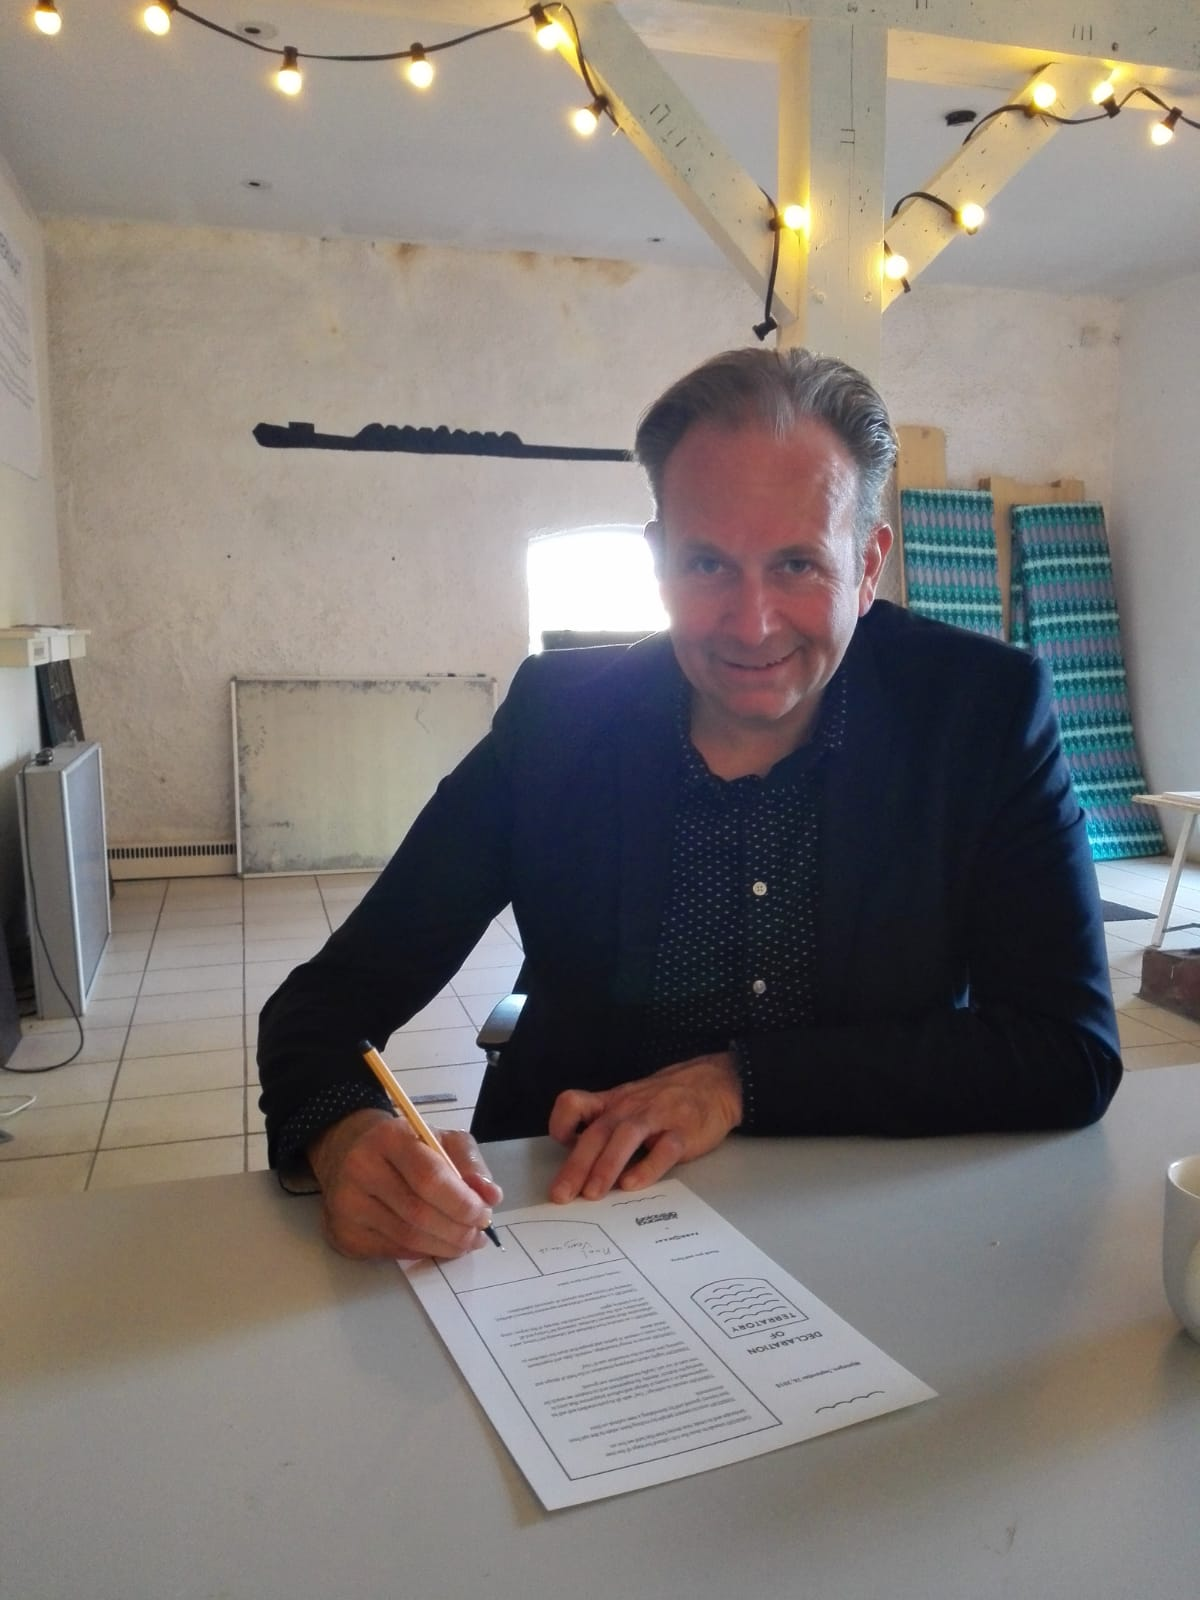 Noël Vergunst | Wethouder Cultuur en Stedelijke ontwikkeling gemeente Nijmegen